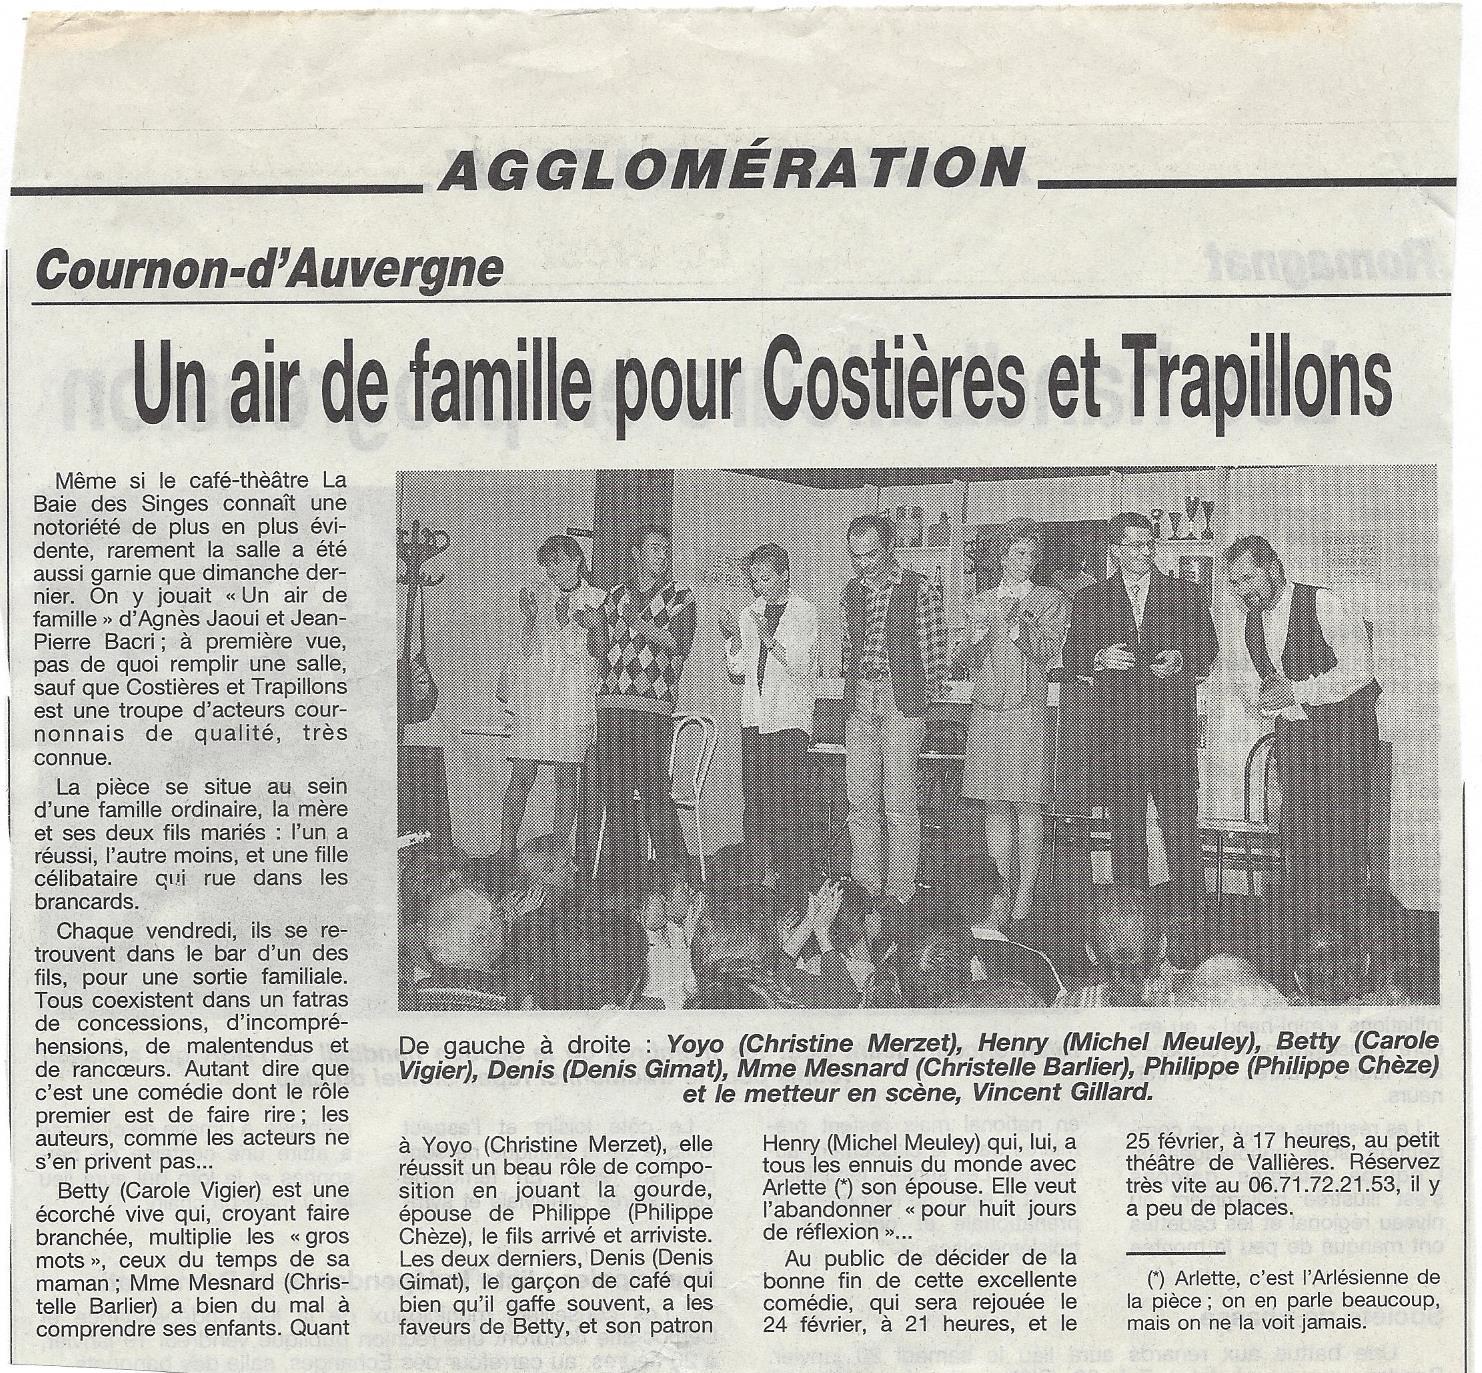 Un air de Famille 2001 PRESSE.jpg